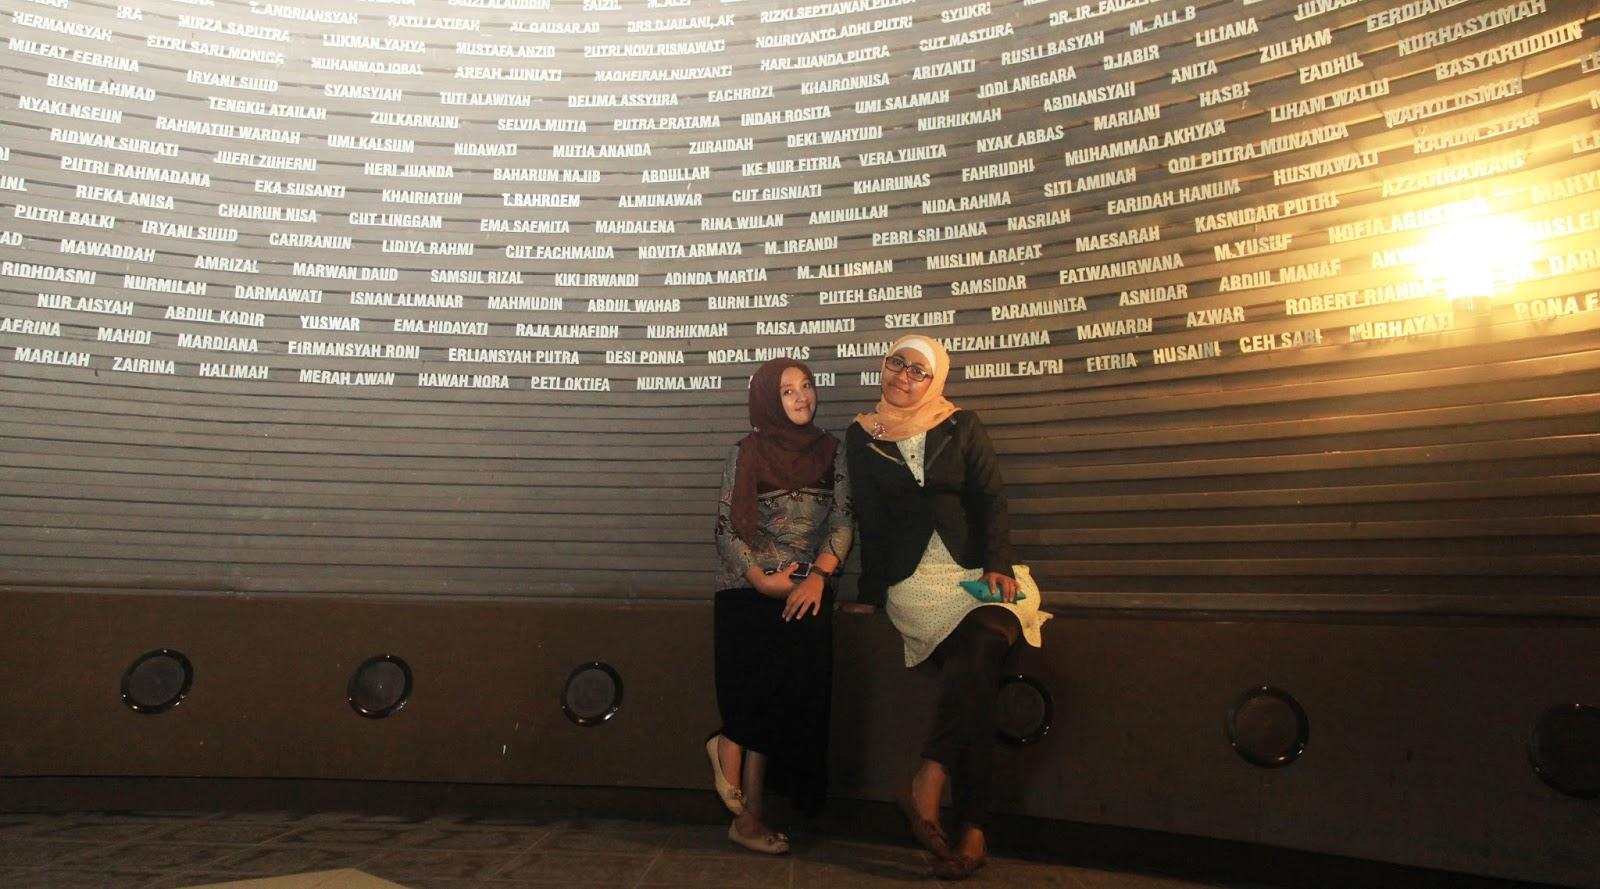 Cewek cantik manis hijab seksi di foto Museum Horor Tsunami Aceh